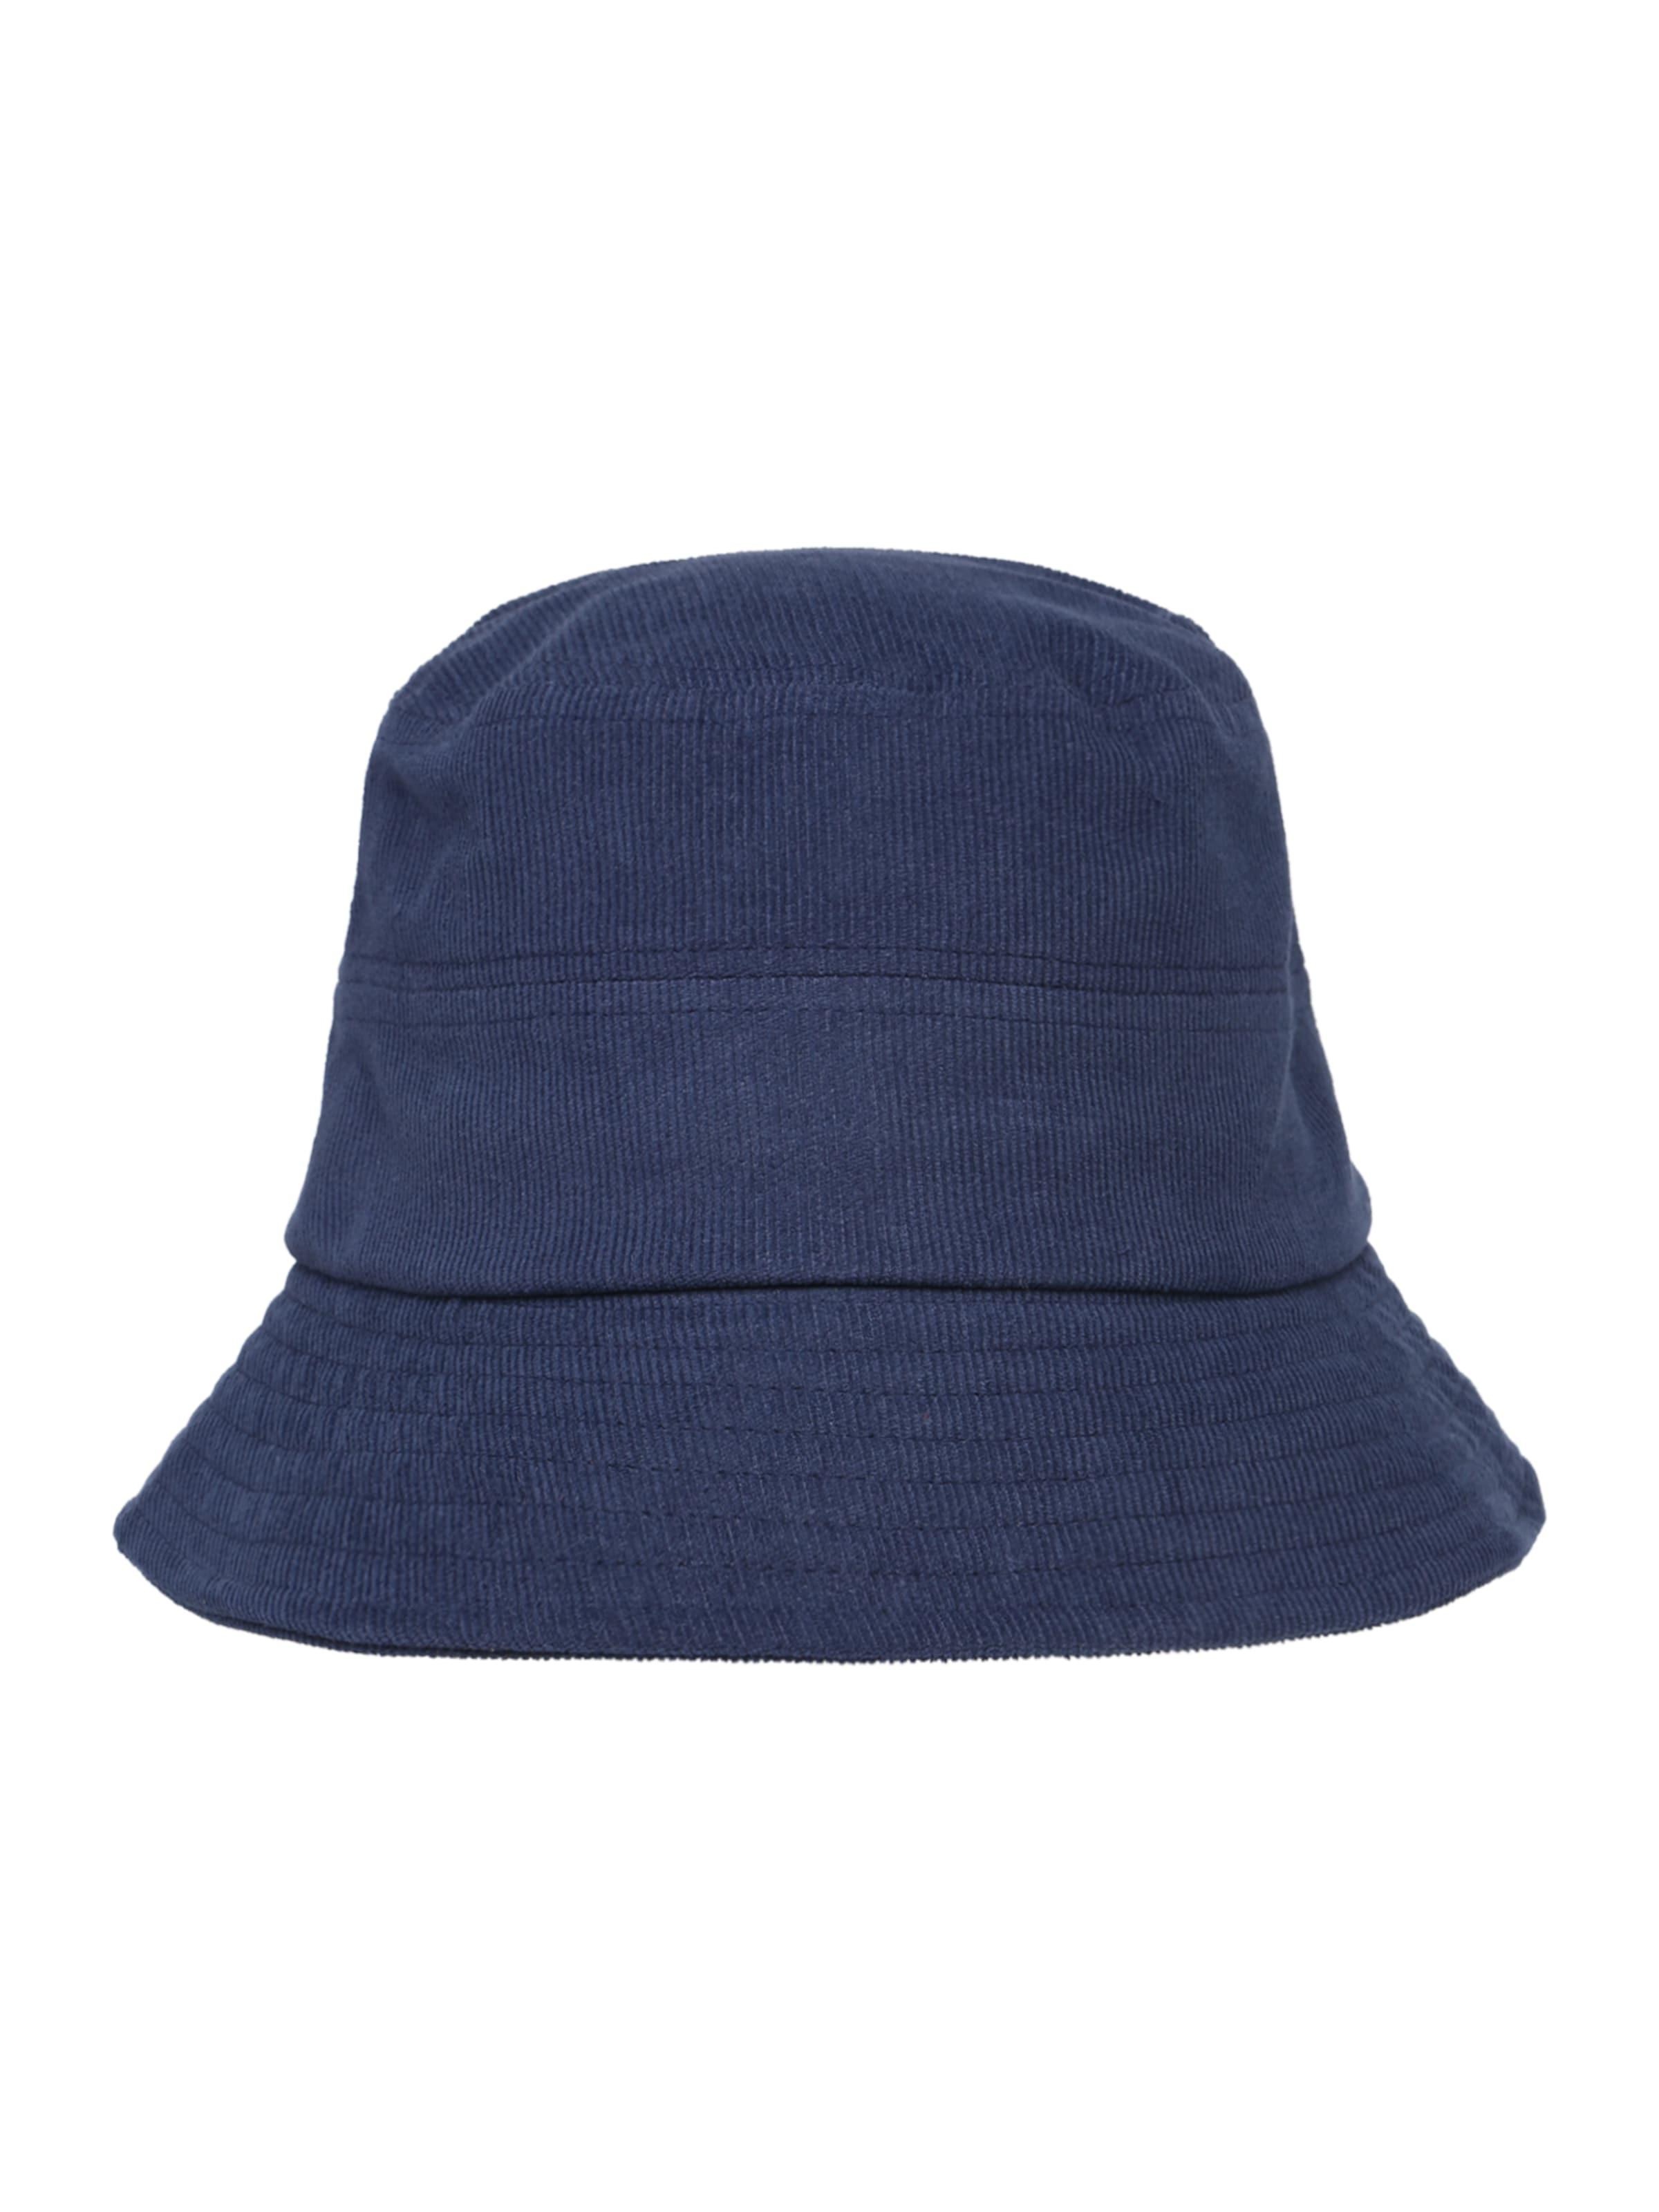 Rouge Hat 104' Bonnet Bucket Object En 'pam fy6mbYgvI7